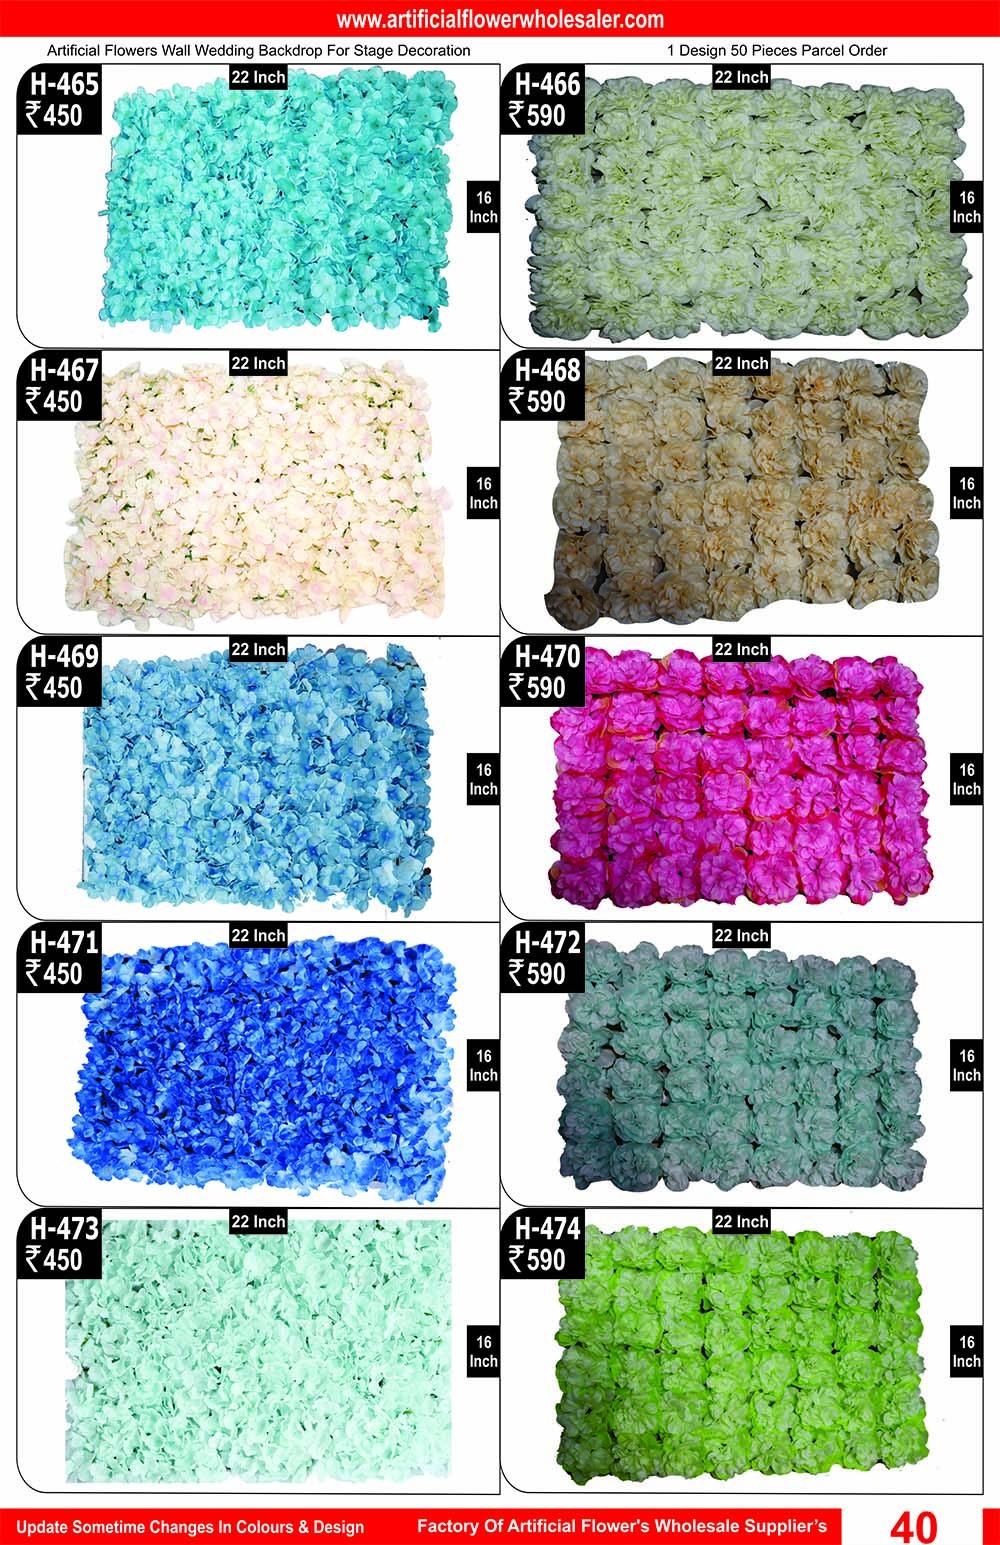 40-artificial-flower-wholesaler